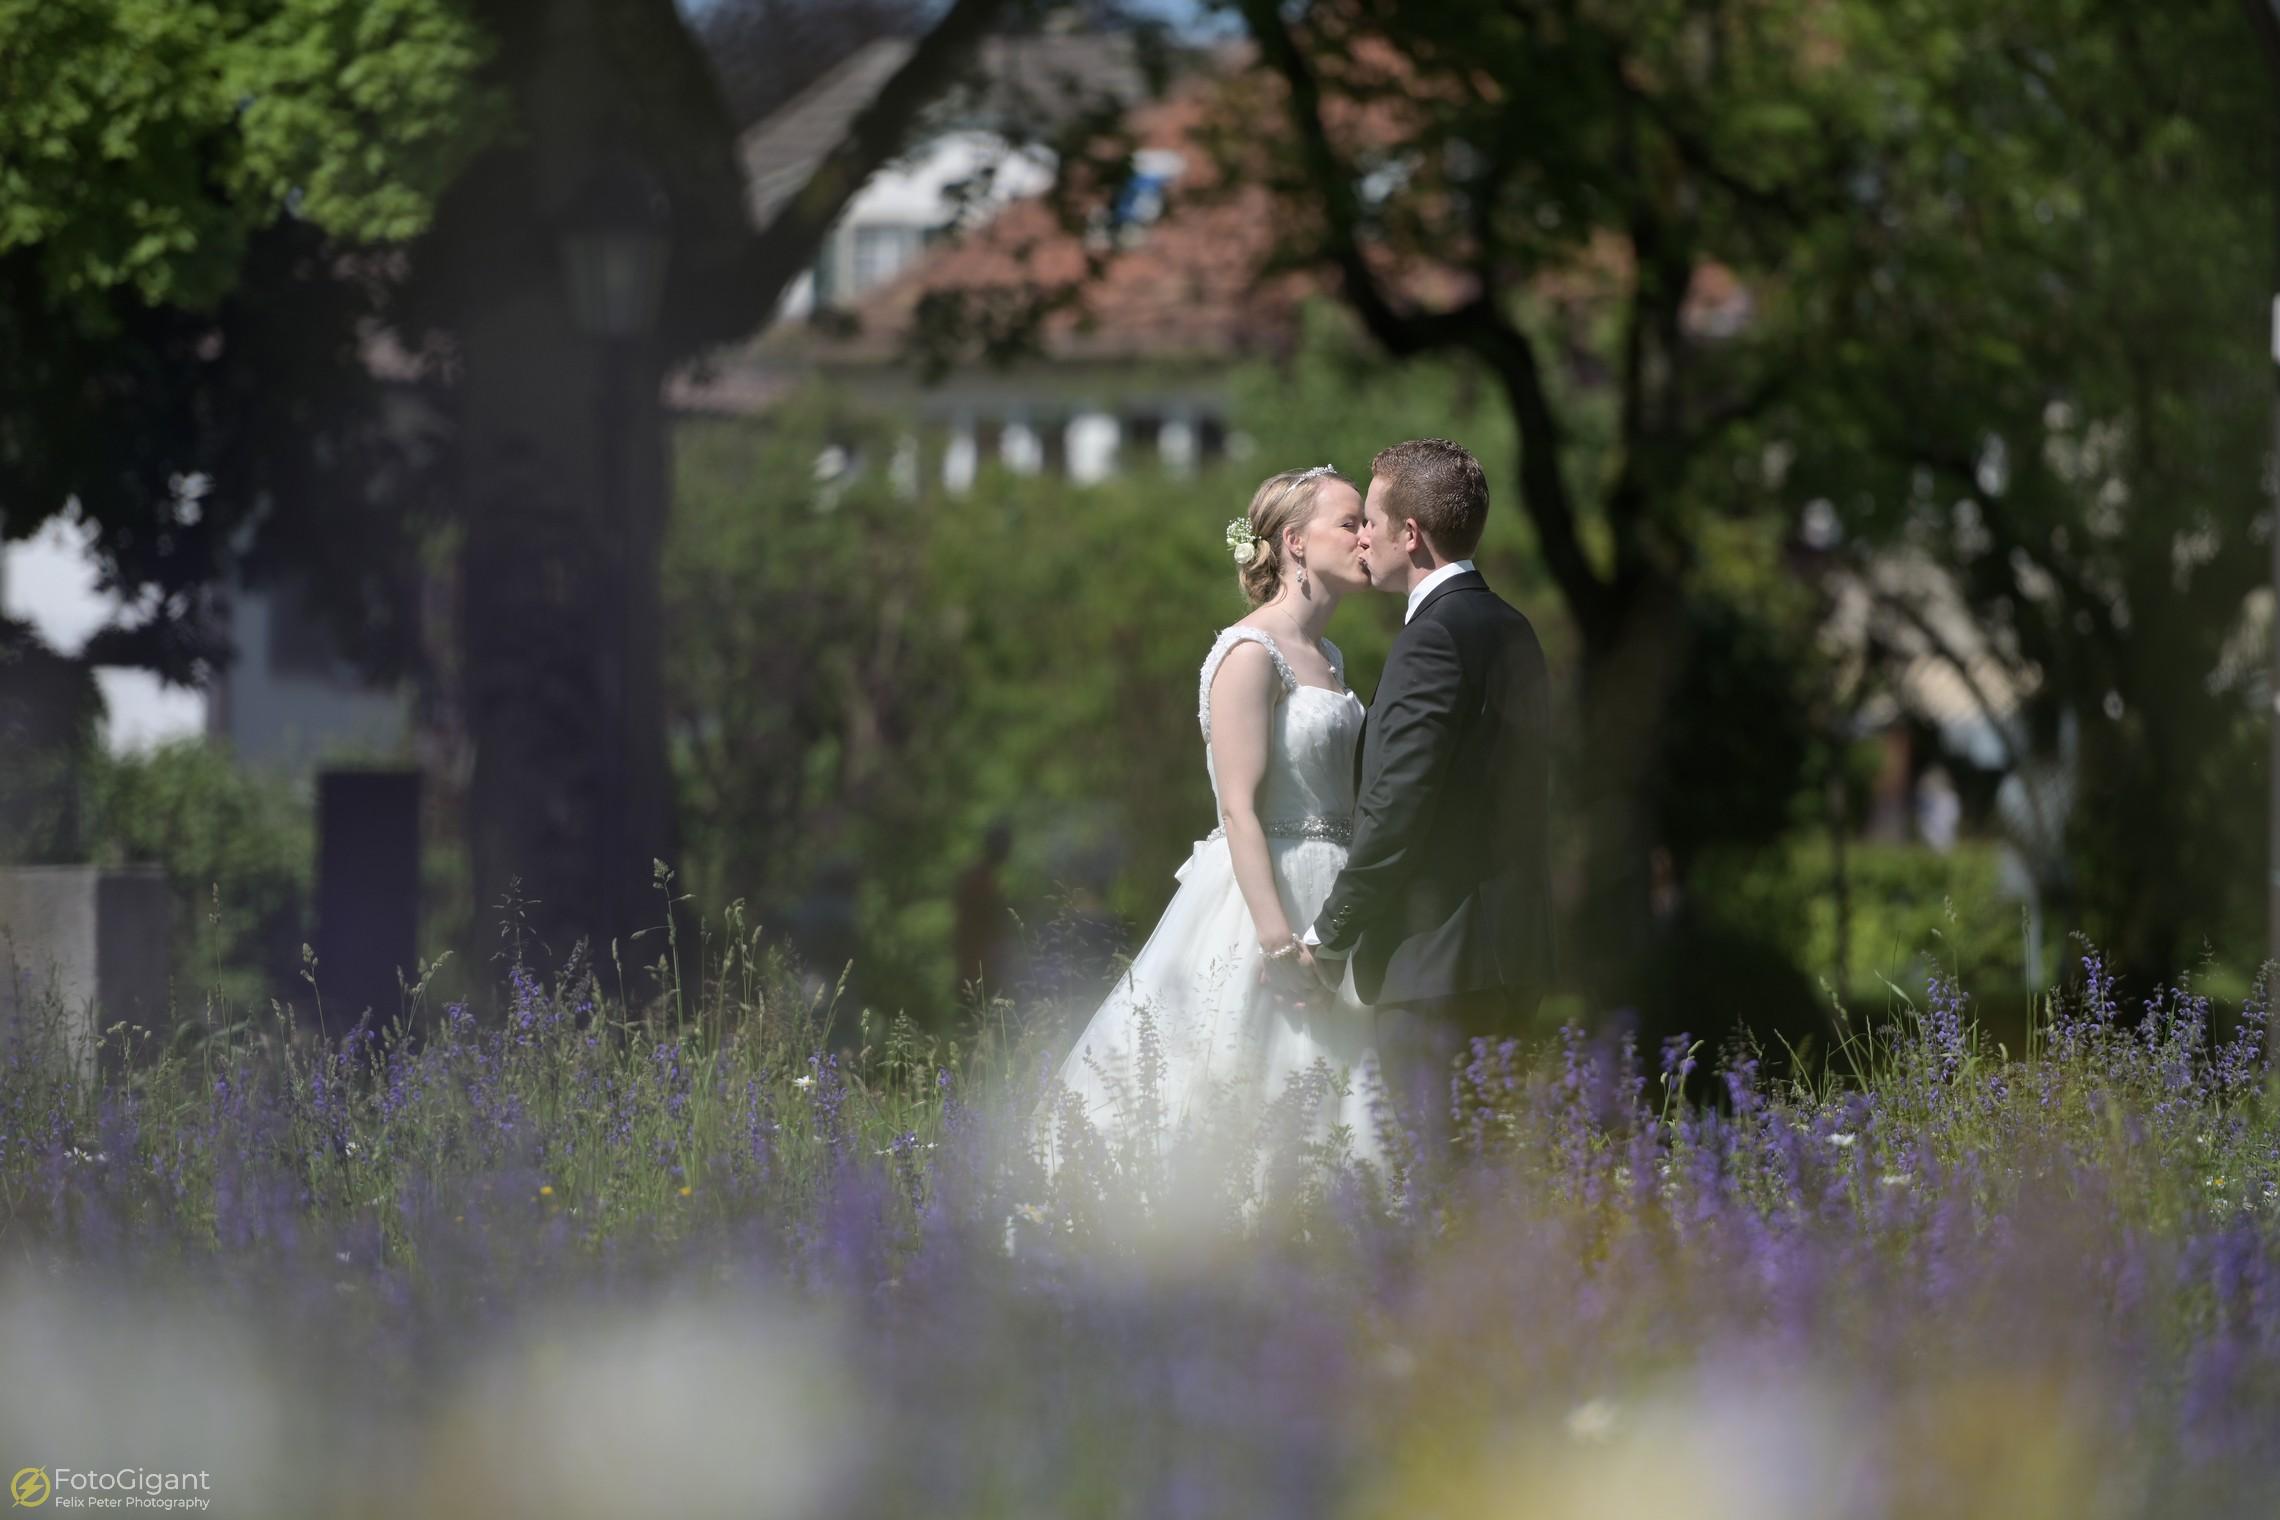 Hochzeitsfotografieworkshop_49.jpg